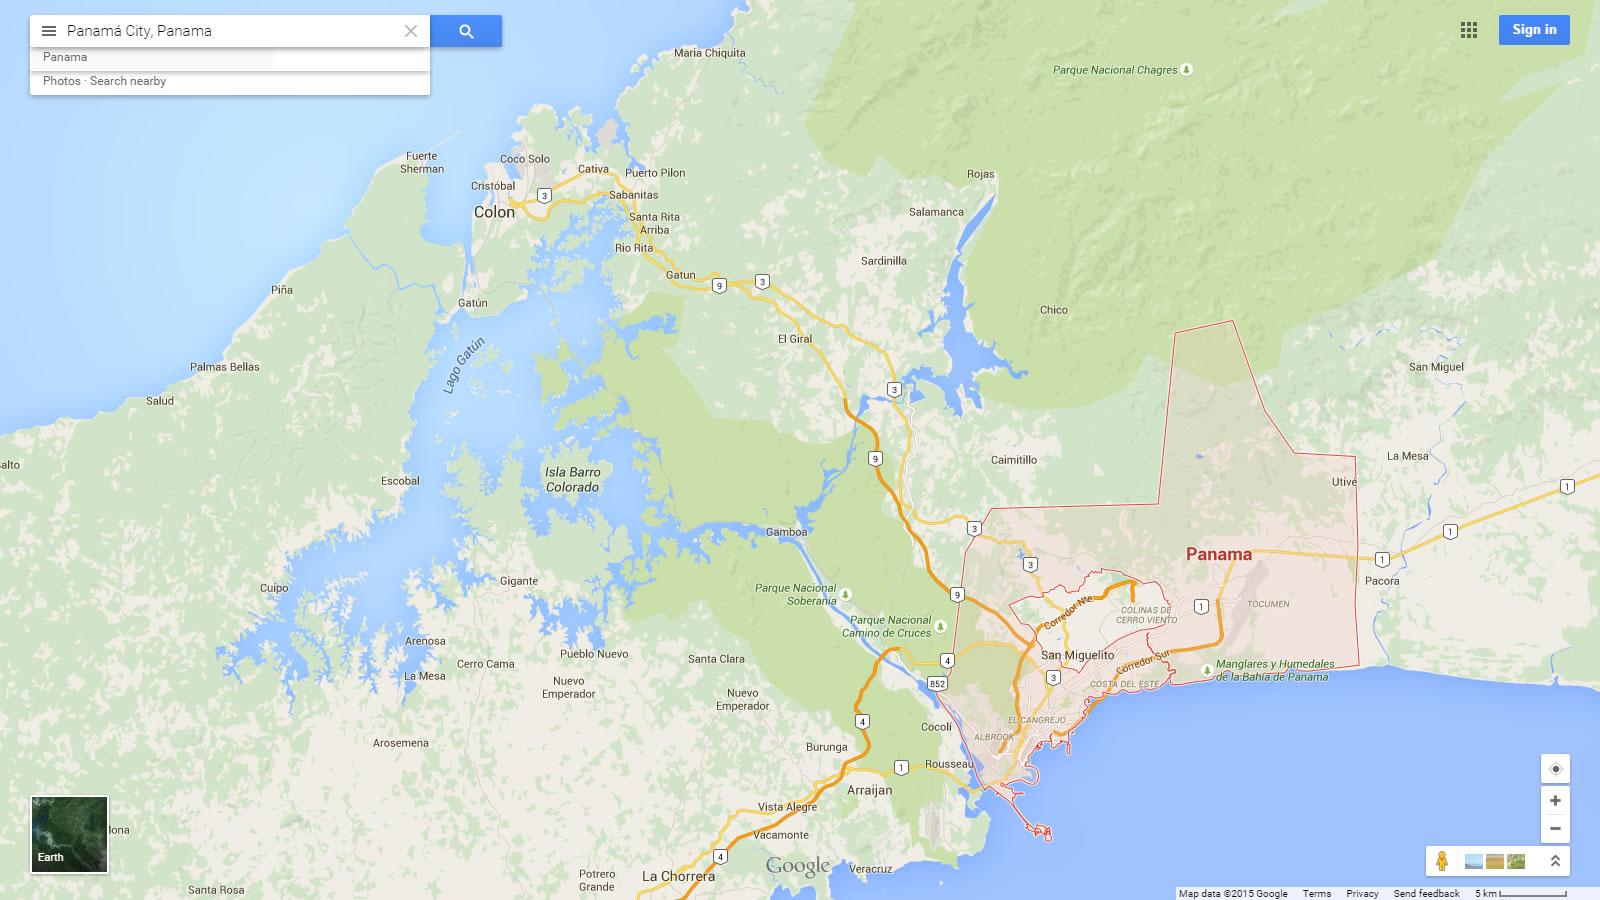 Panama City Map - Physical map of panama